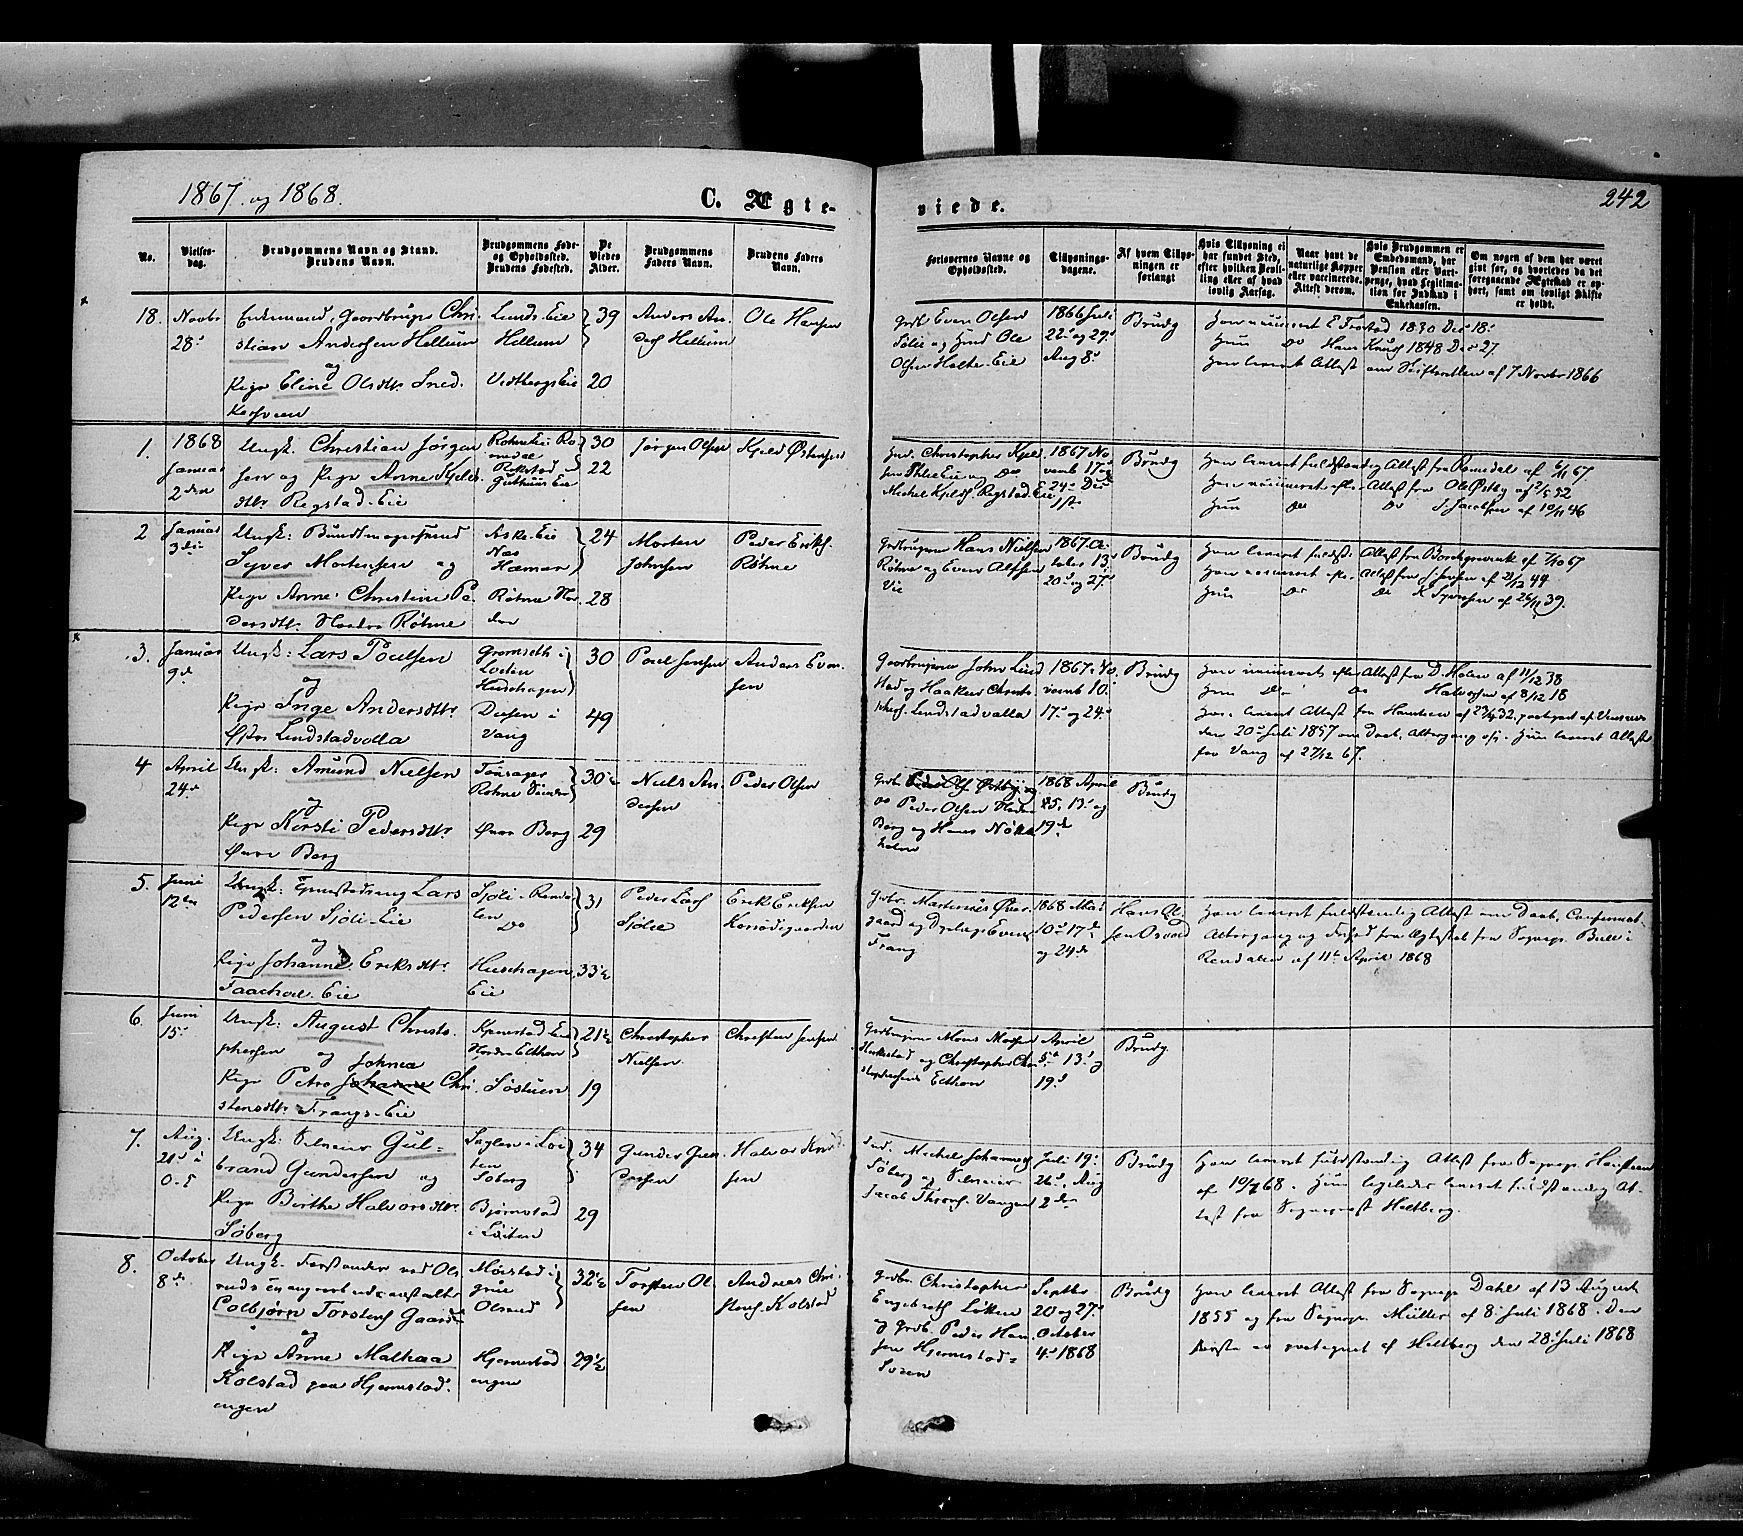 SAH, Stange prestekontor, K/L0013: Parish register (official) no. 13, 1862-1879, p. 242